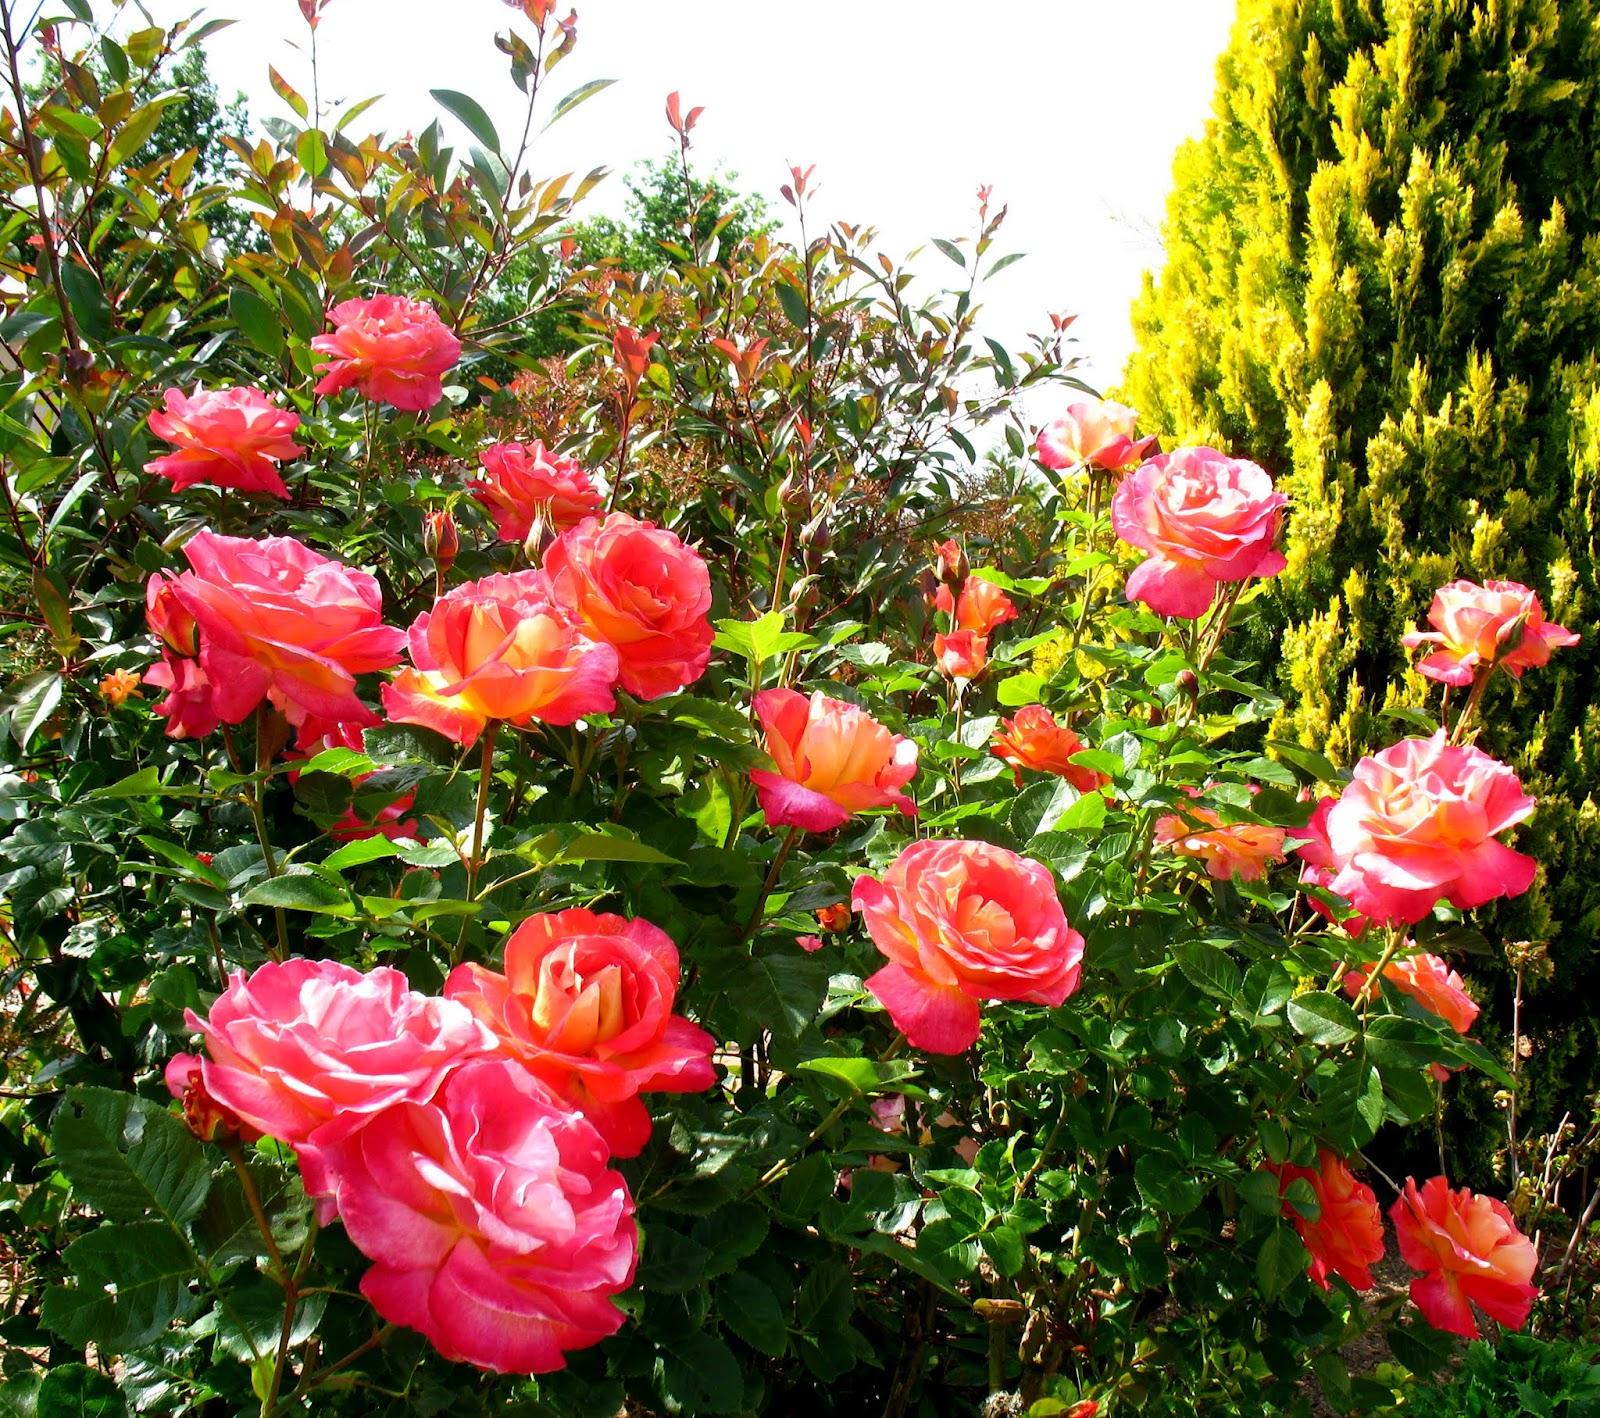 Roses du jardin ch neland for Decoration jardin rosier